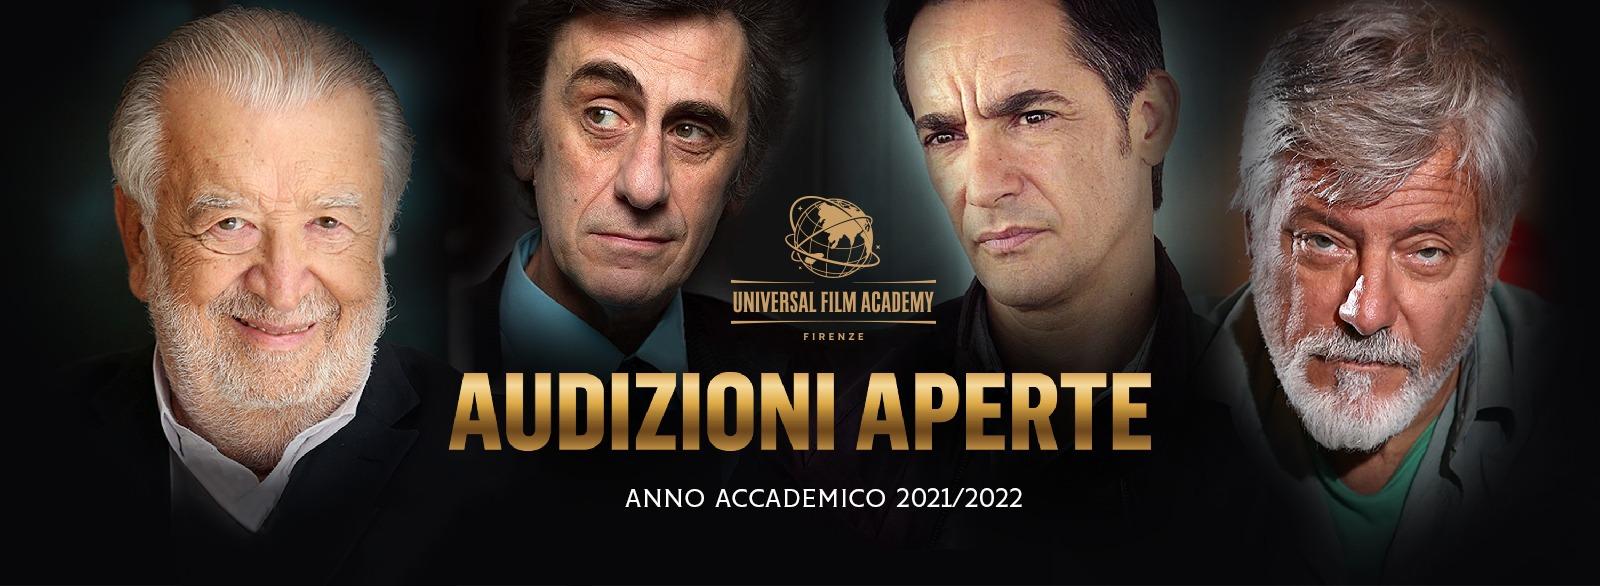 universal-film-academy-scuola-attori